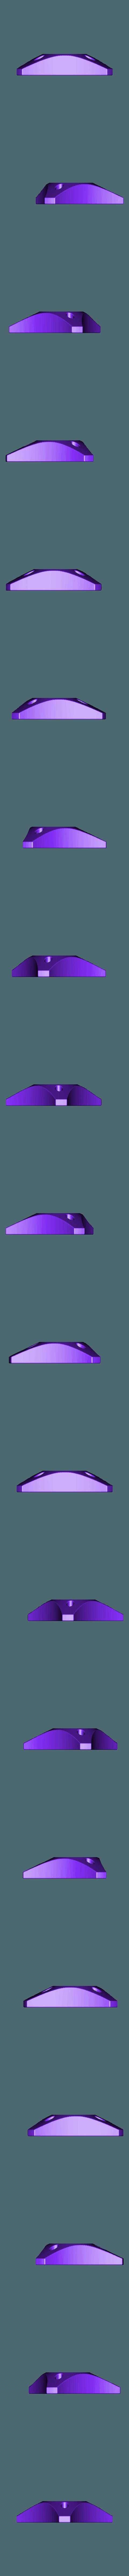 SpoolHolder.STL Télécharger fichier STL gratuit Support de bobine • Design pour imprimante 3D, perinski